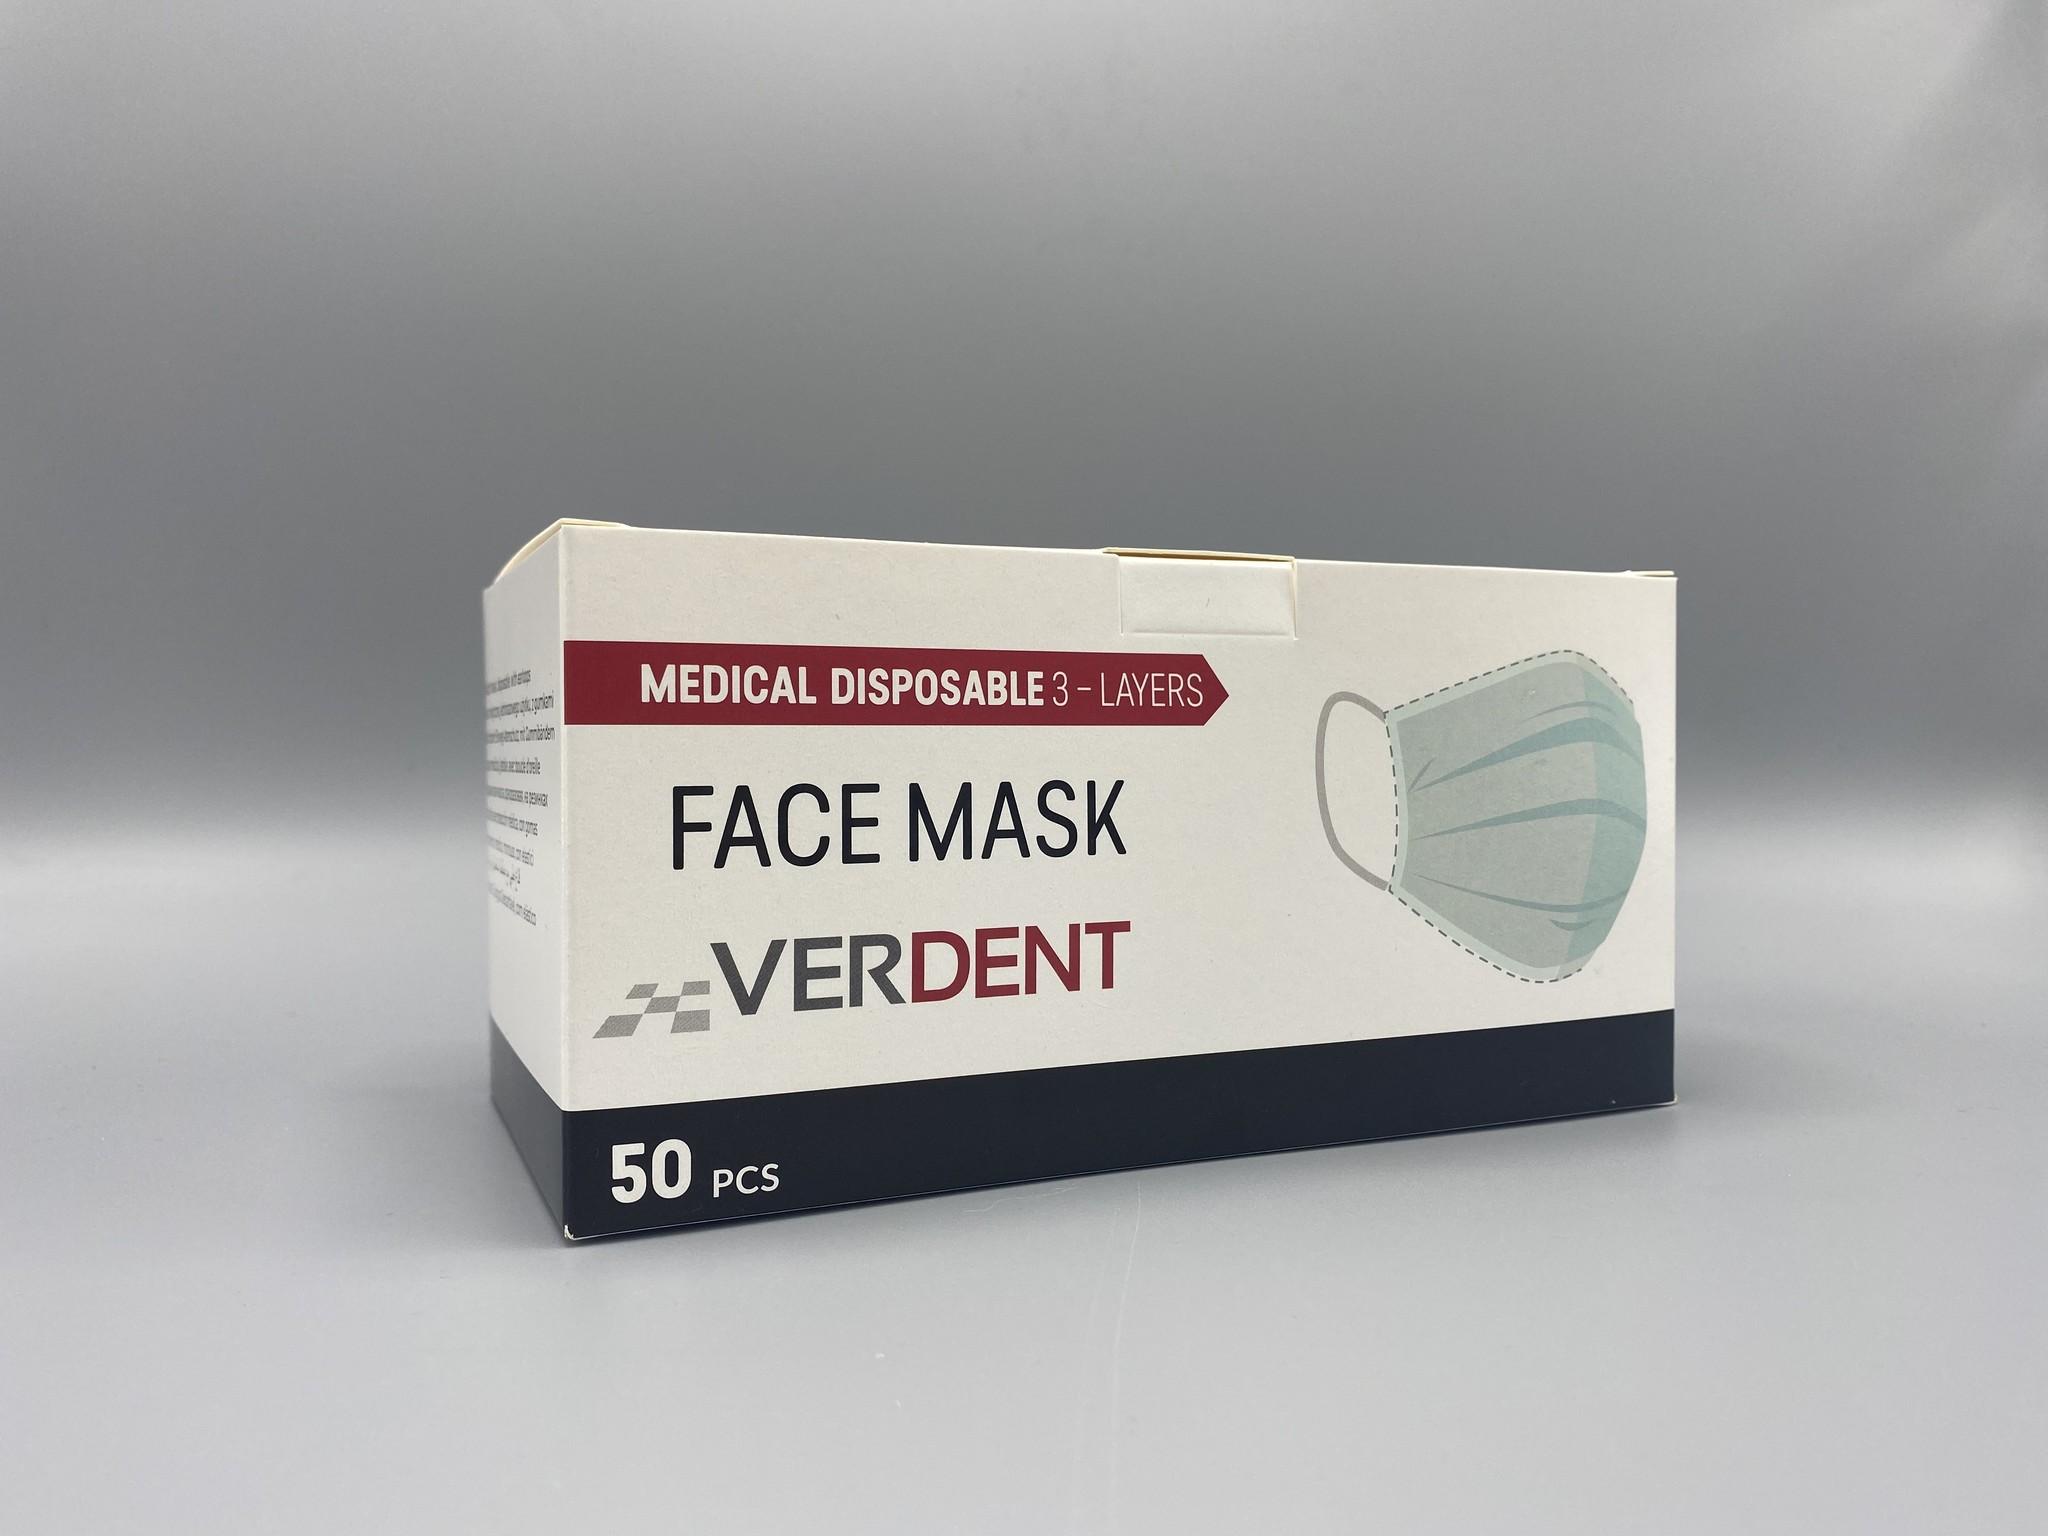 Surgical masks - Verdent - EN 14683 Type IIR